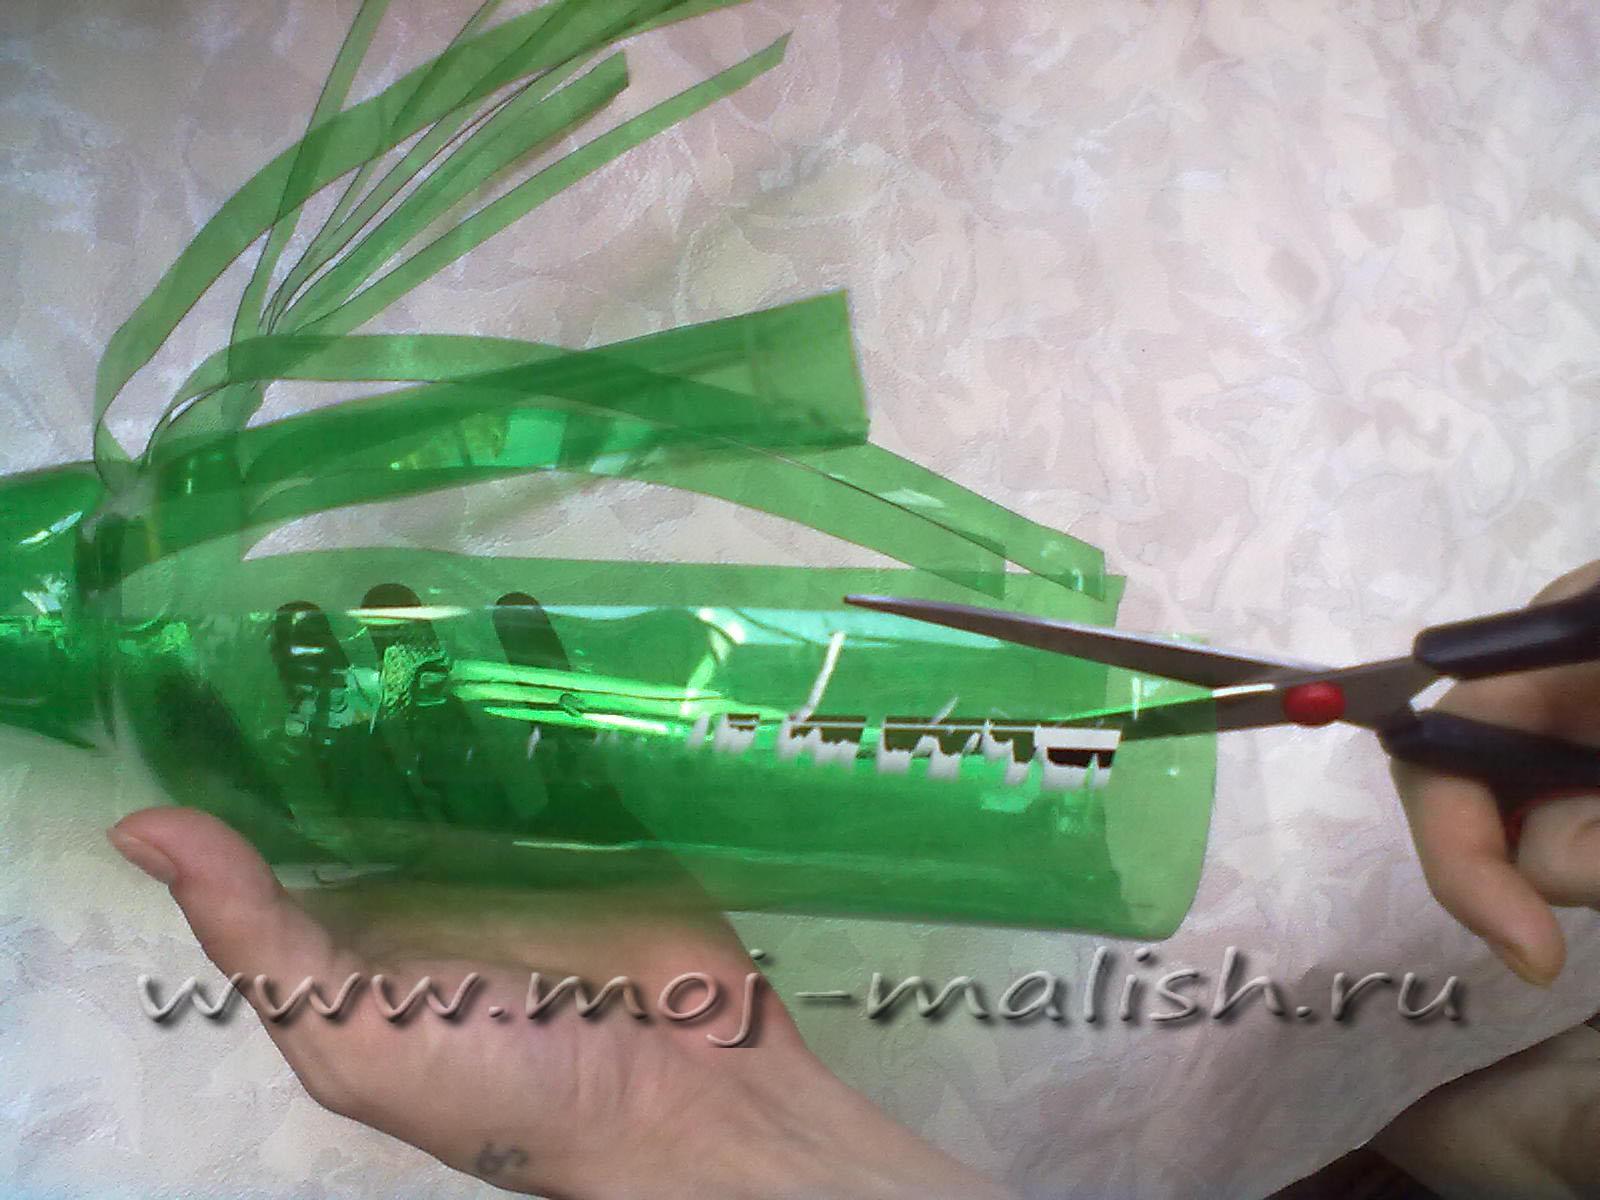 Шишка из пластиковых бутылок пошагово для начинающих